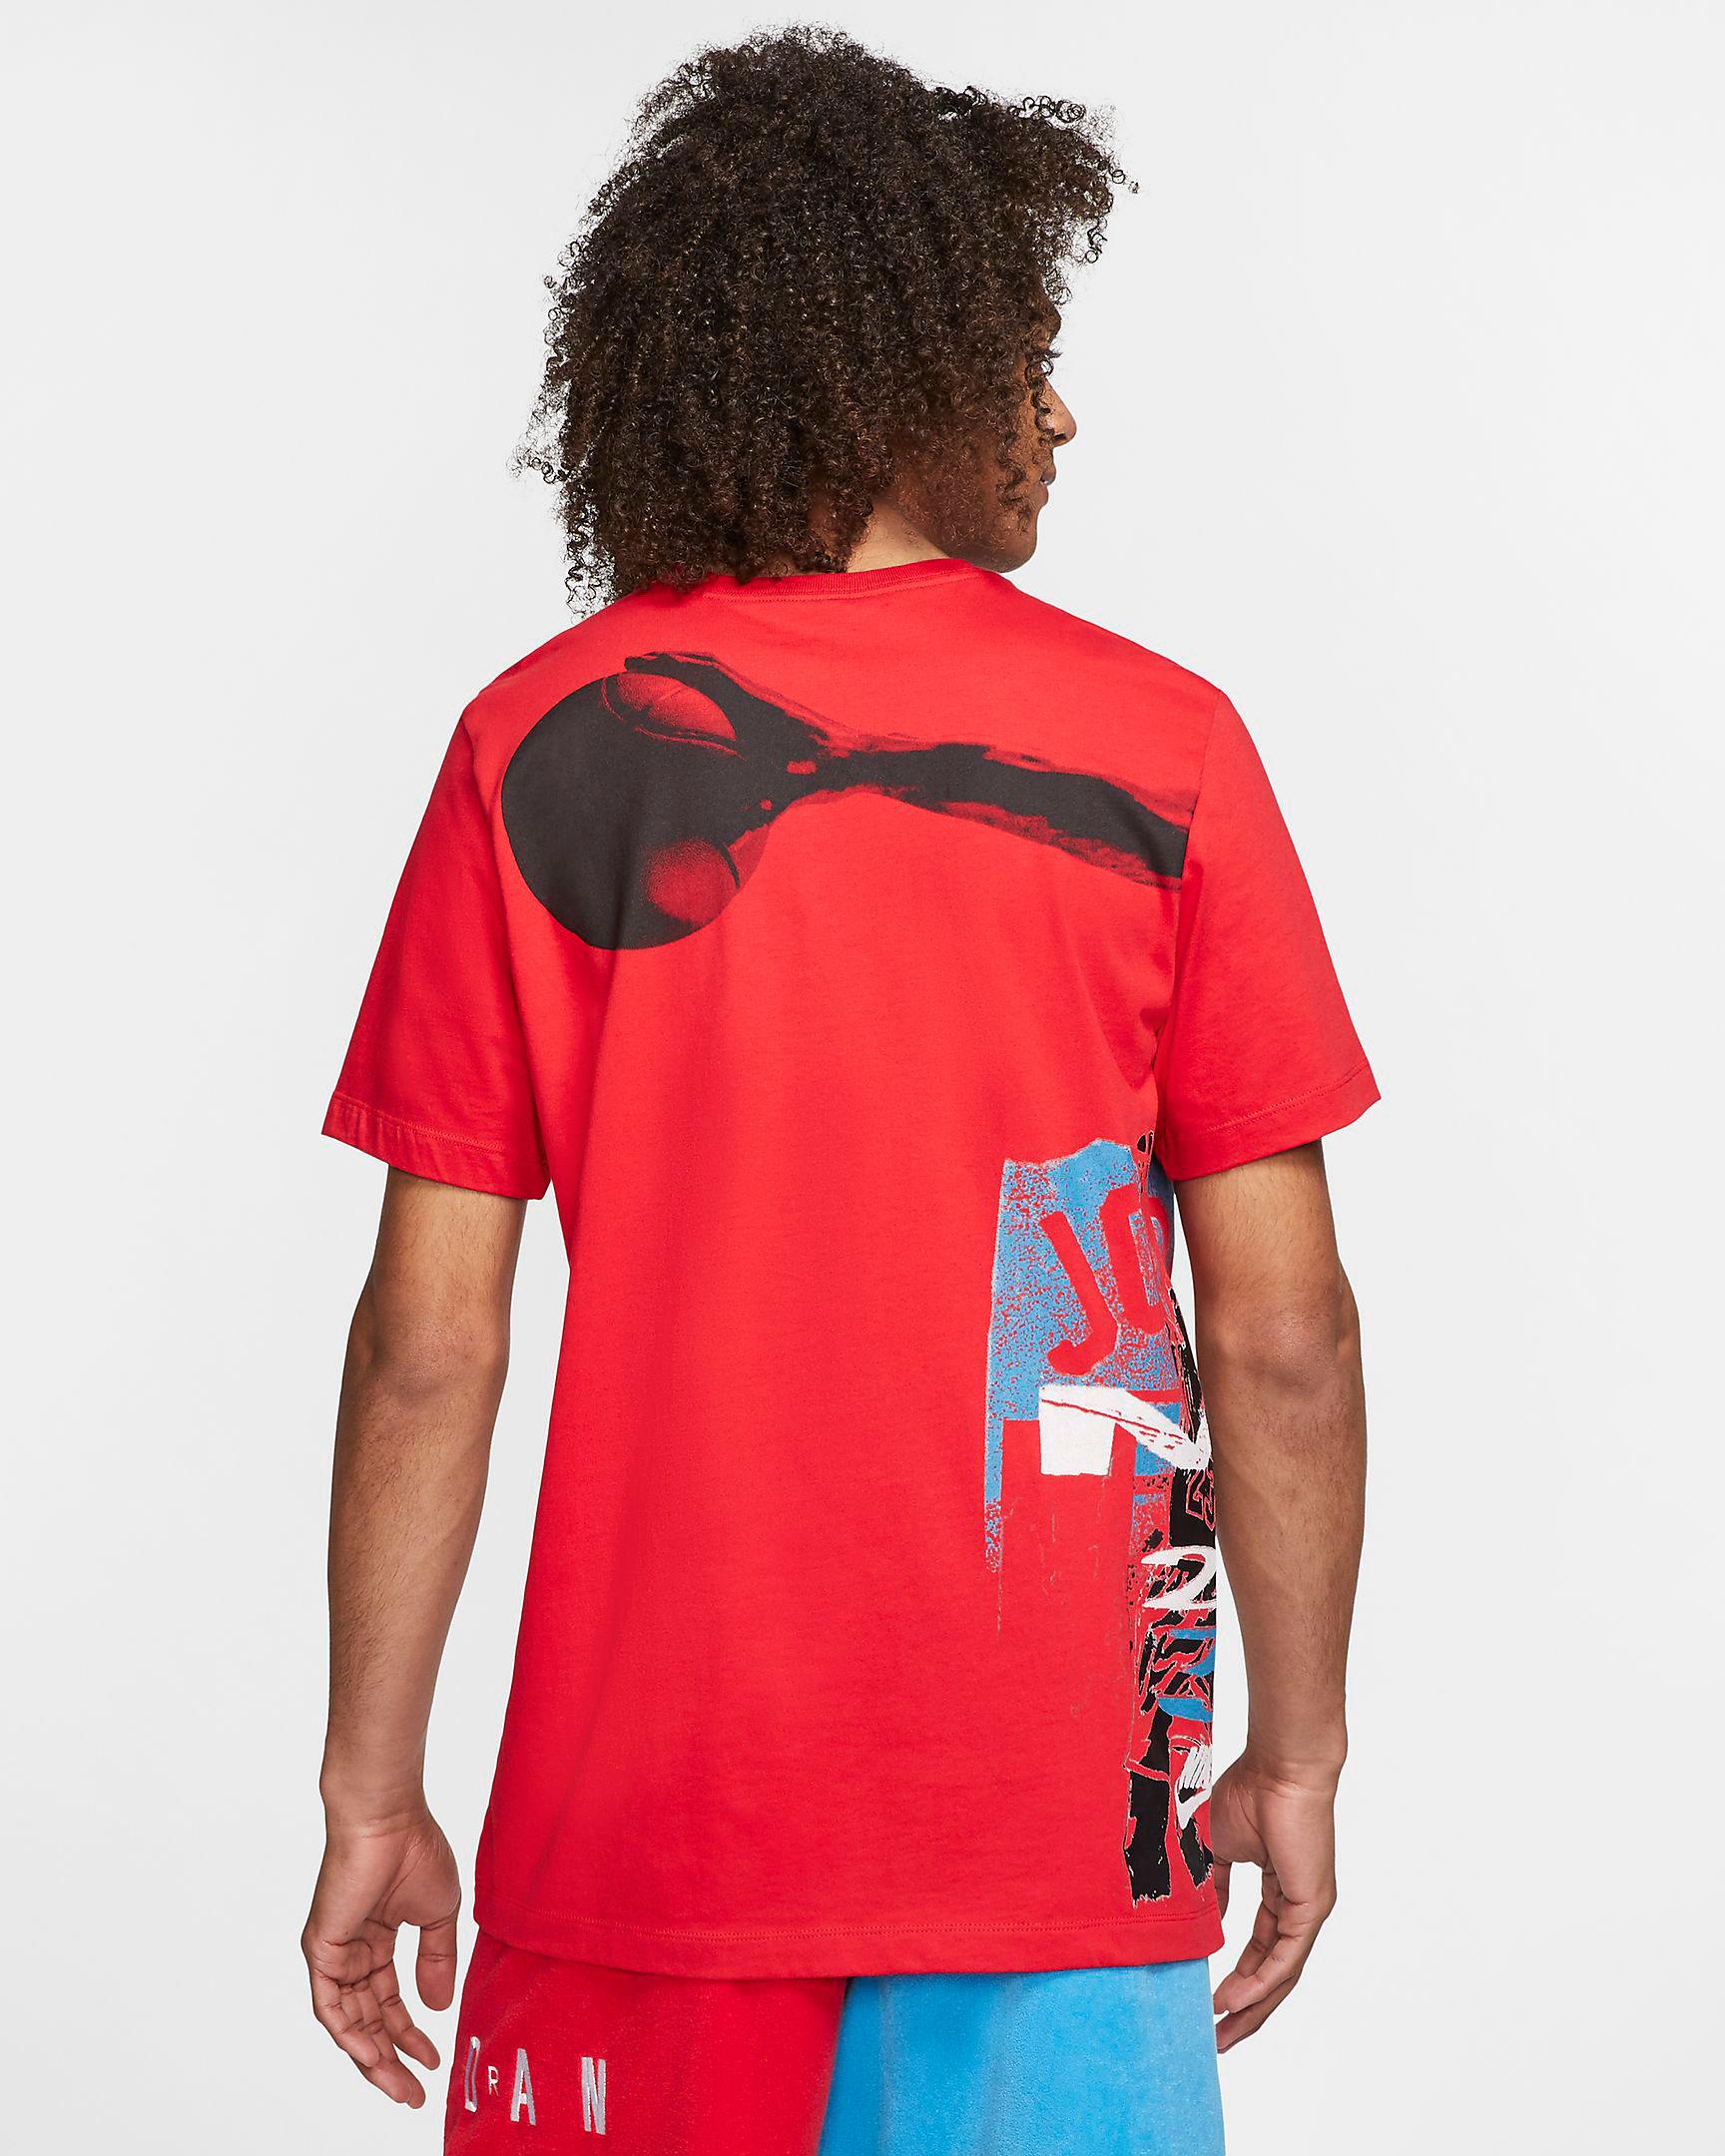 jordan-sport-dna-shirt-red-grey-blue-4